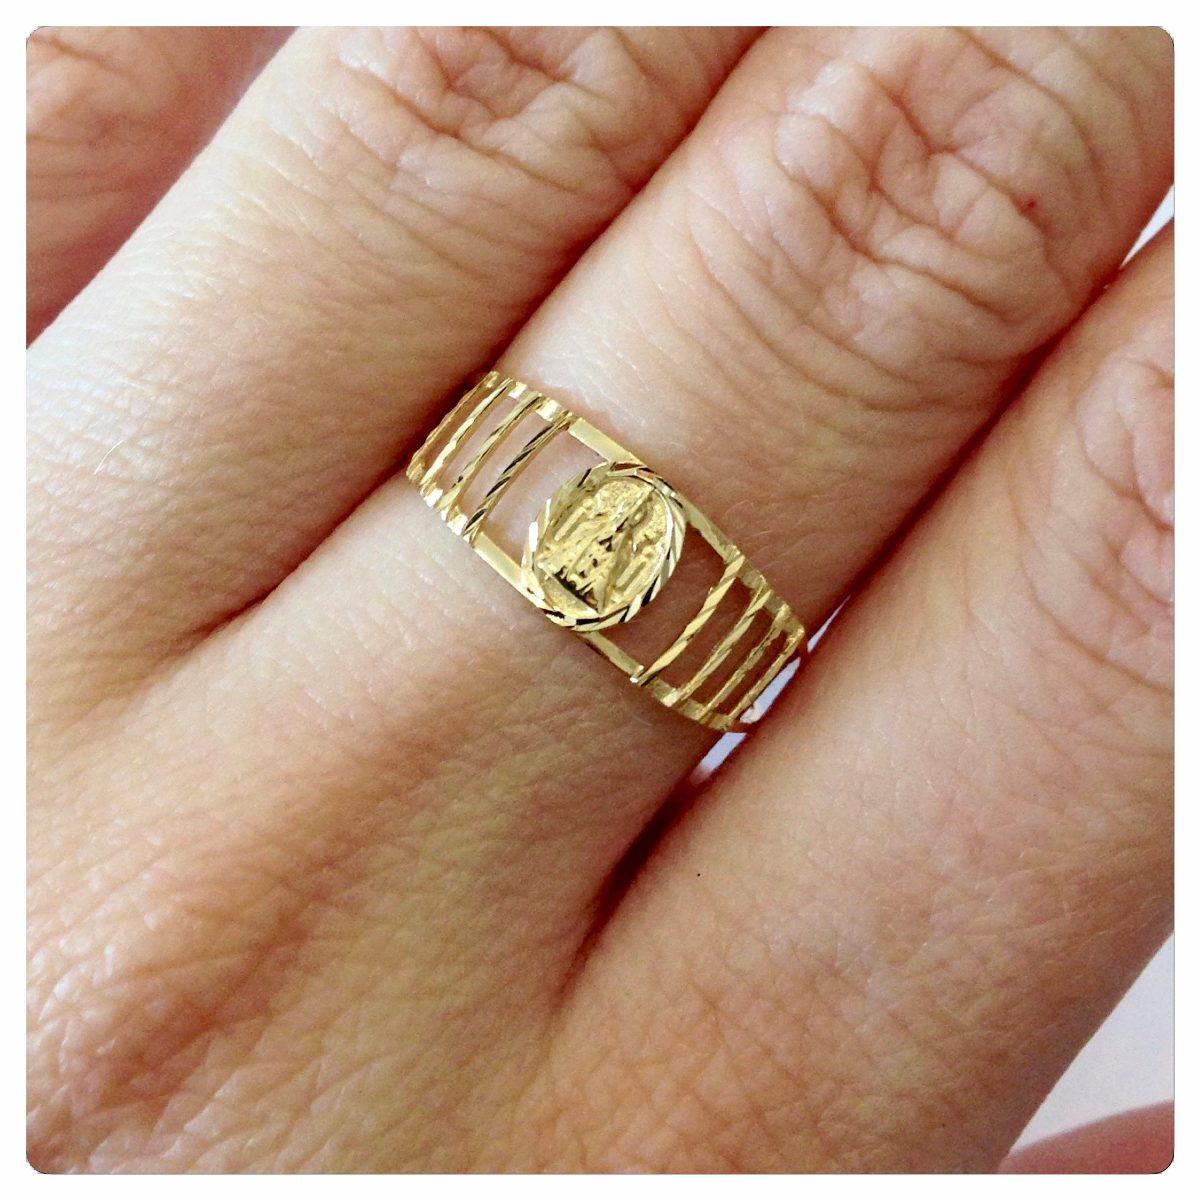 00cee999fc5a4 anel nossa senhora aparecida joia ouro 18k-750 joias kgshop. Carregando  zoom.